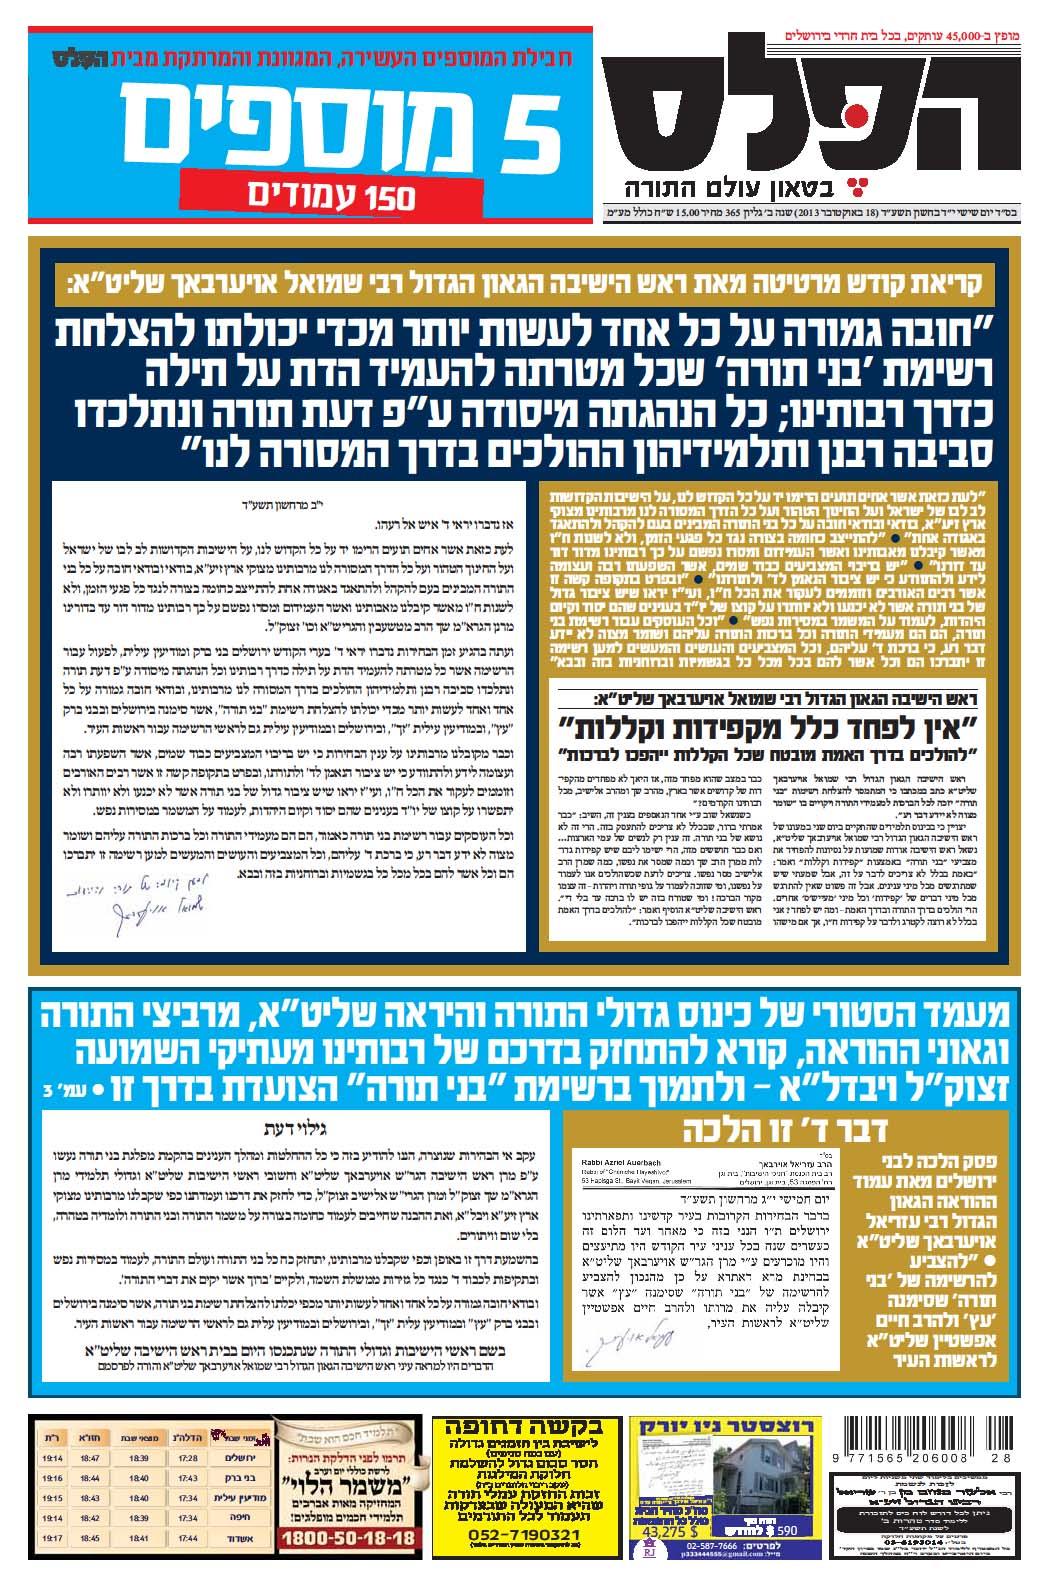 """יש גם מועמד שלישי. עיתון """"הפלס"""" החרדי קורא בכותרתו הראשית לתמוך במועמד חיים אפשטיין לראשות העיר ירושלים"""